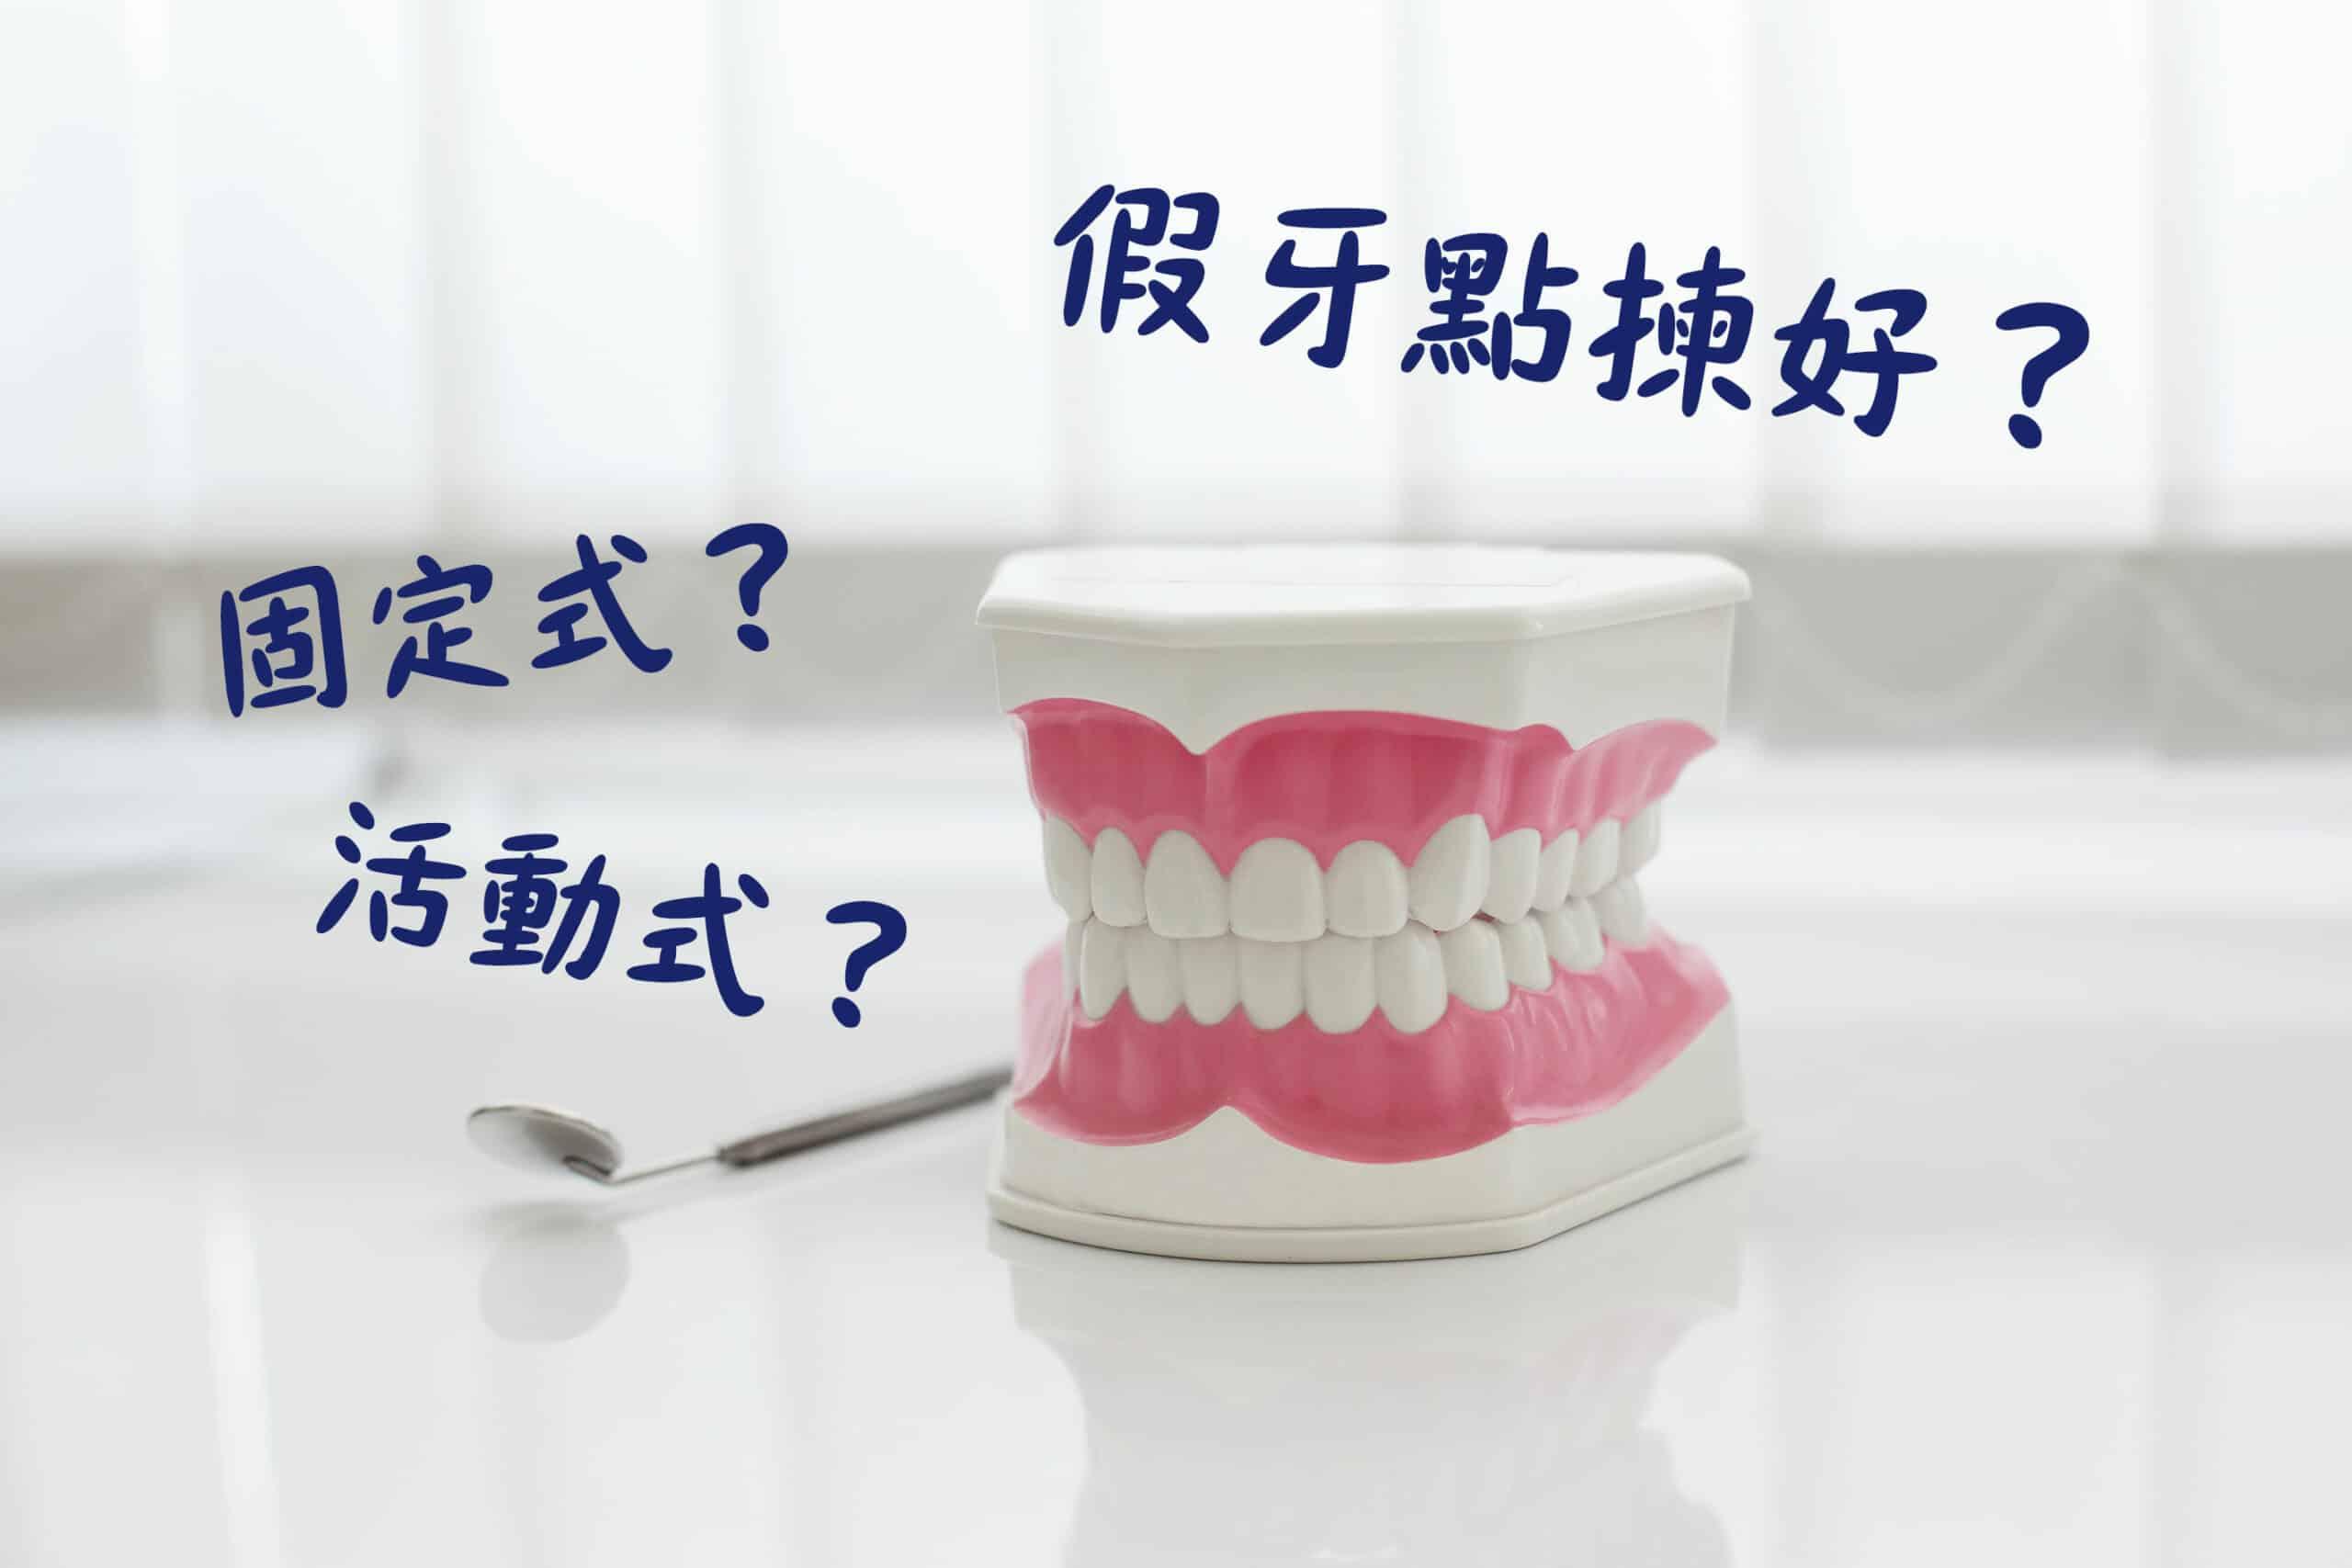 裝配假牙是為了修復缺失牙齒的功能,而假牙大致可分為「固定式」及「活動式」,應如何選擇呢?